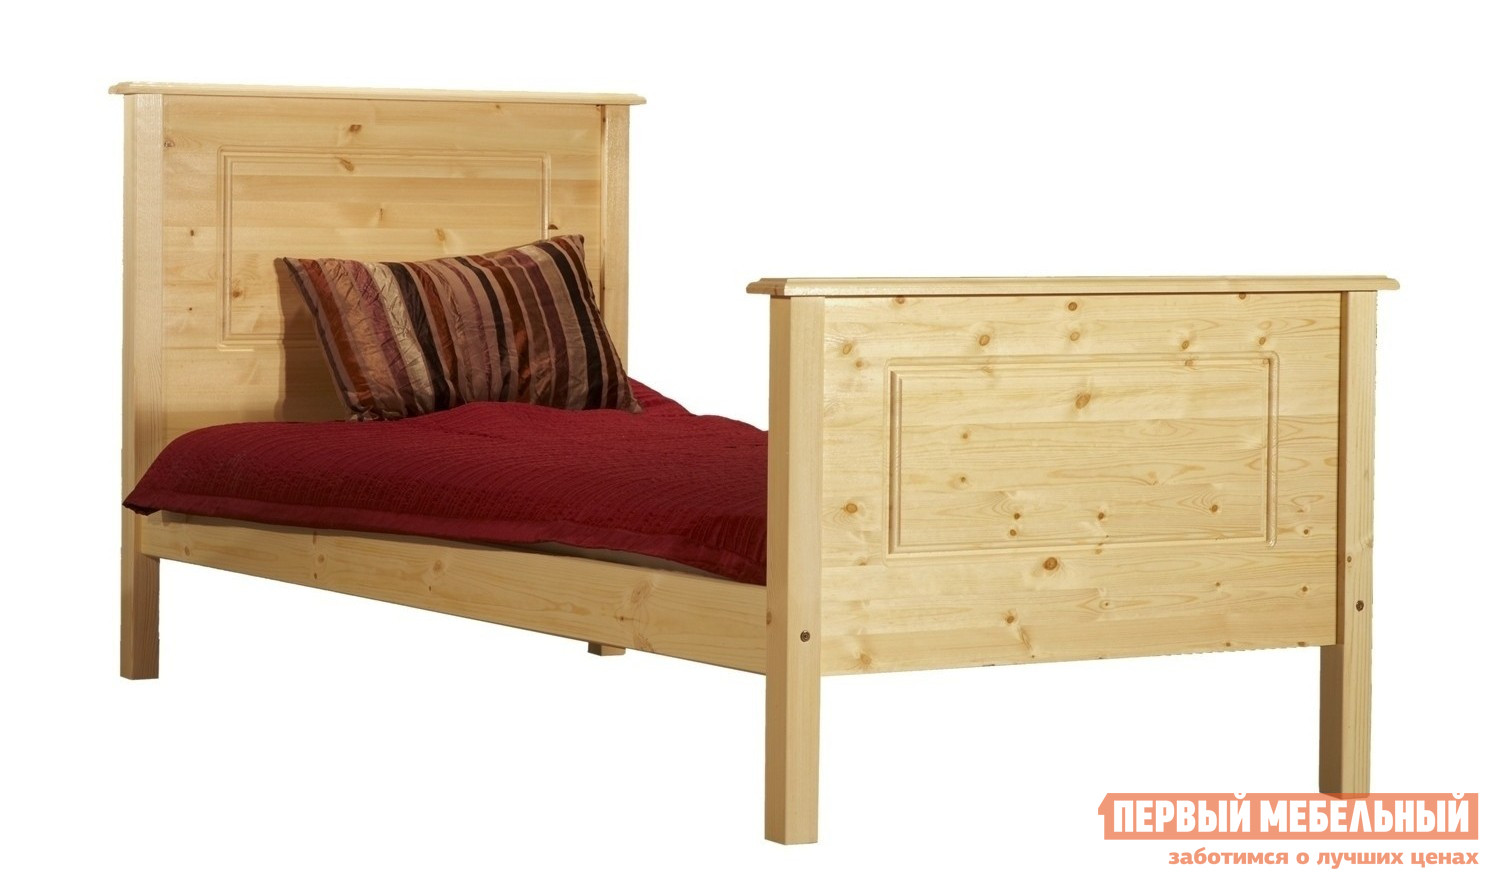 Кровать односпальная Timberica Тора-2 кровать односпальная homeme нова